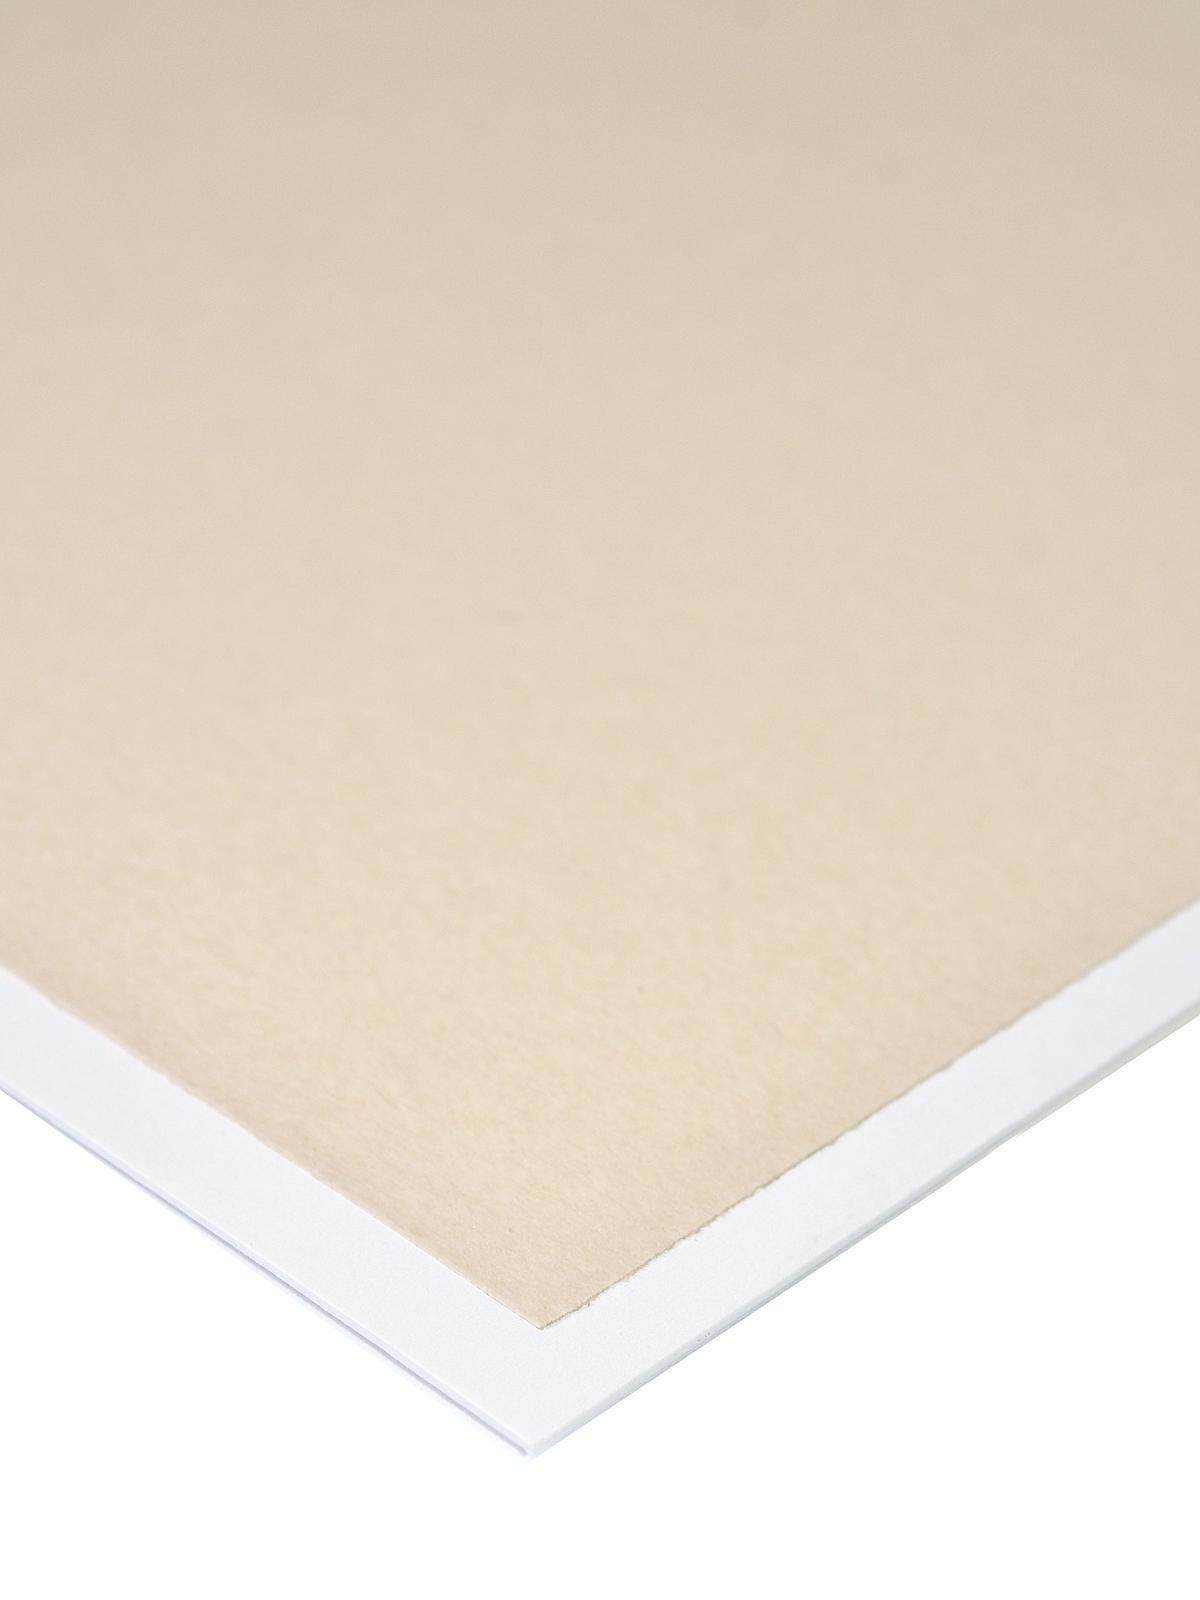 Premium Sanded Pastel Paper